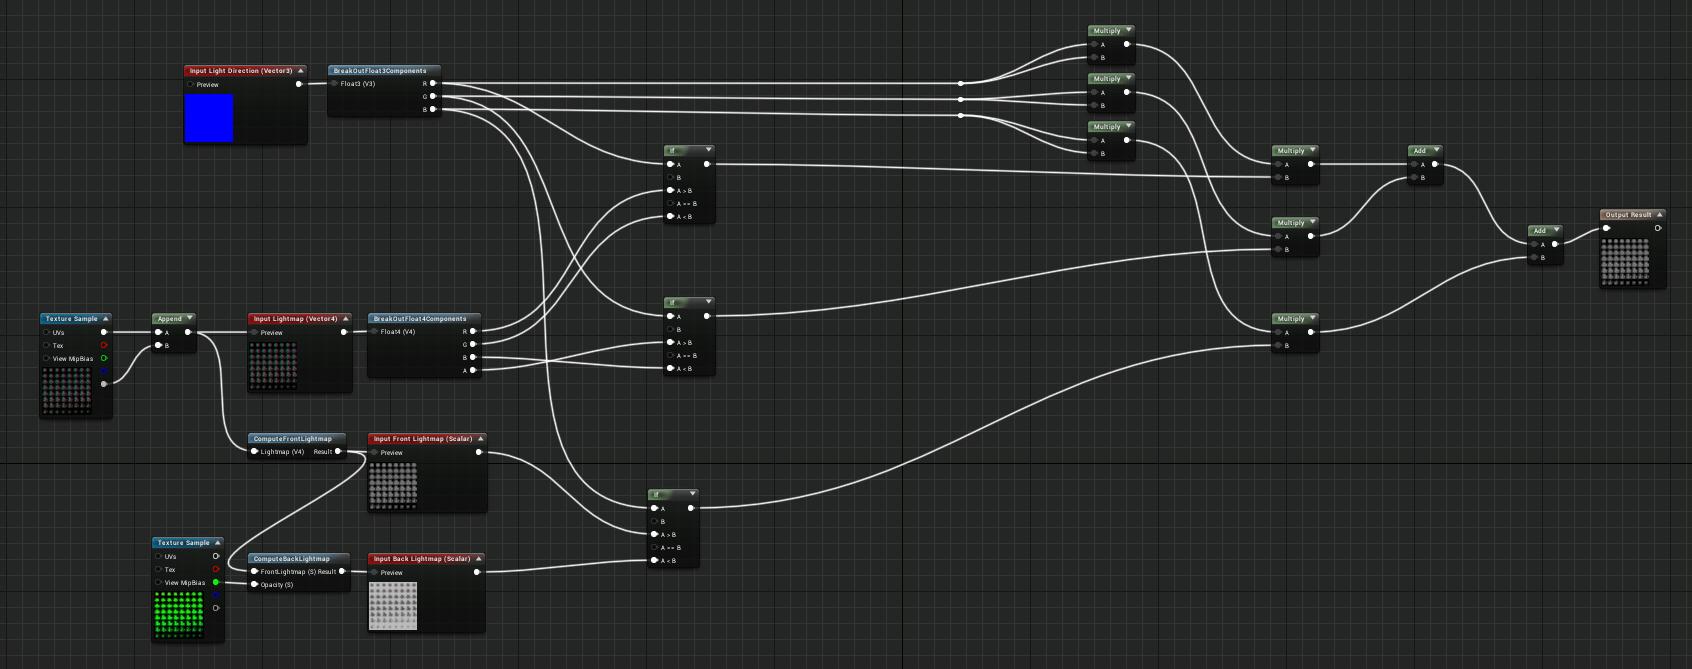 mainGraph.png